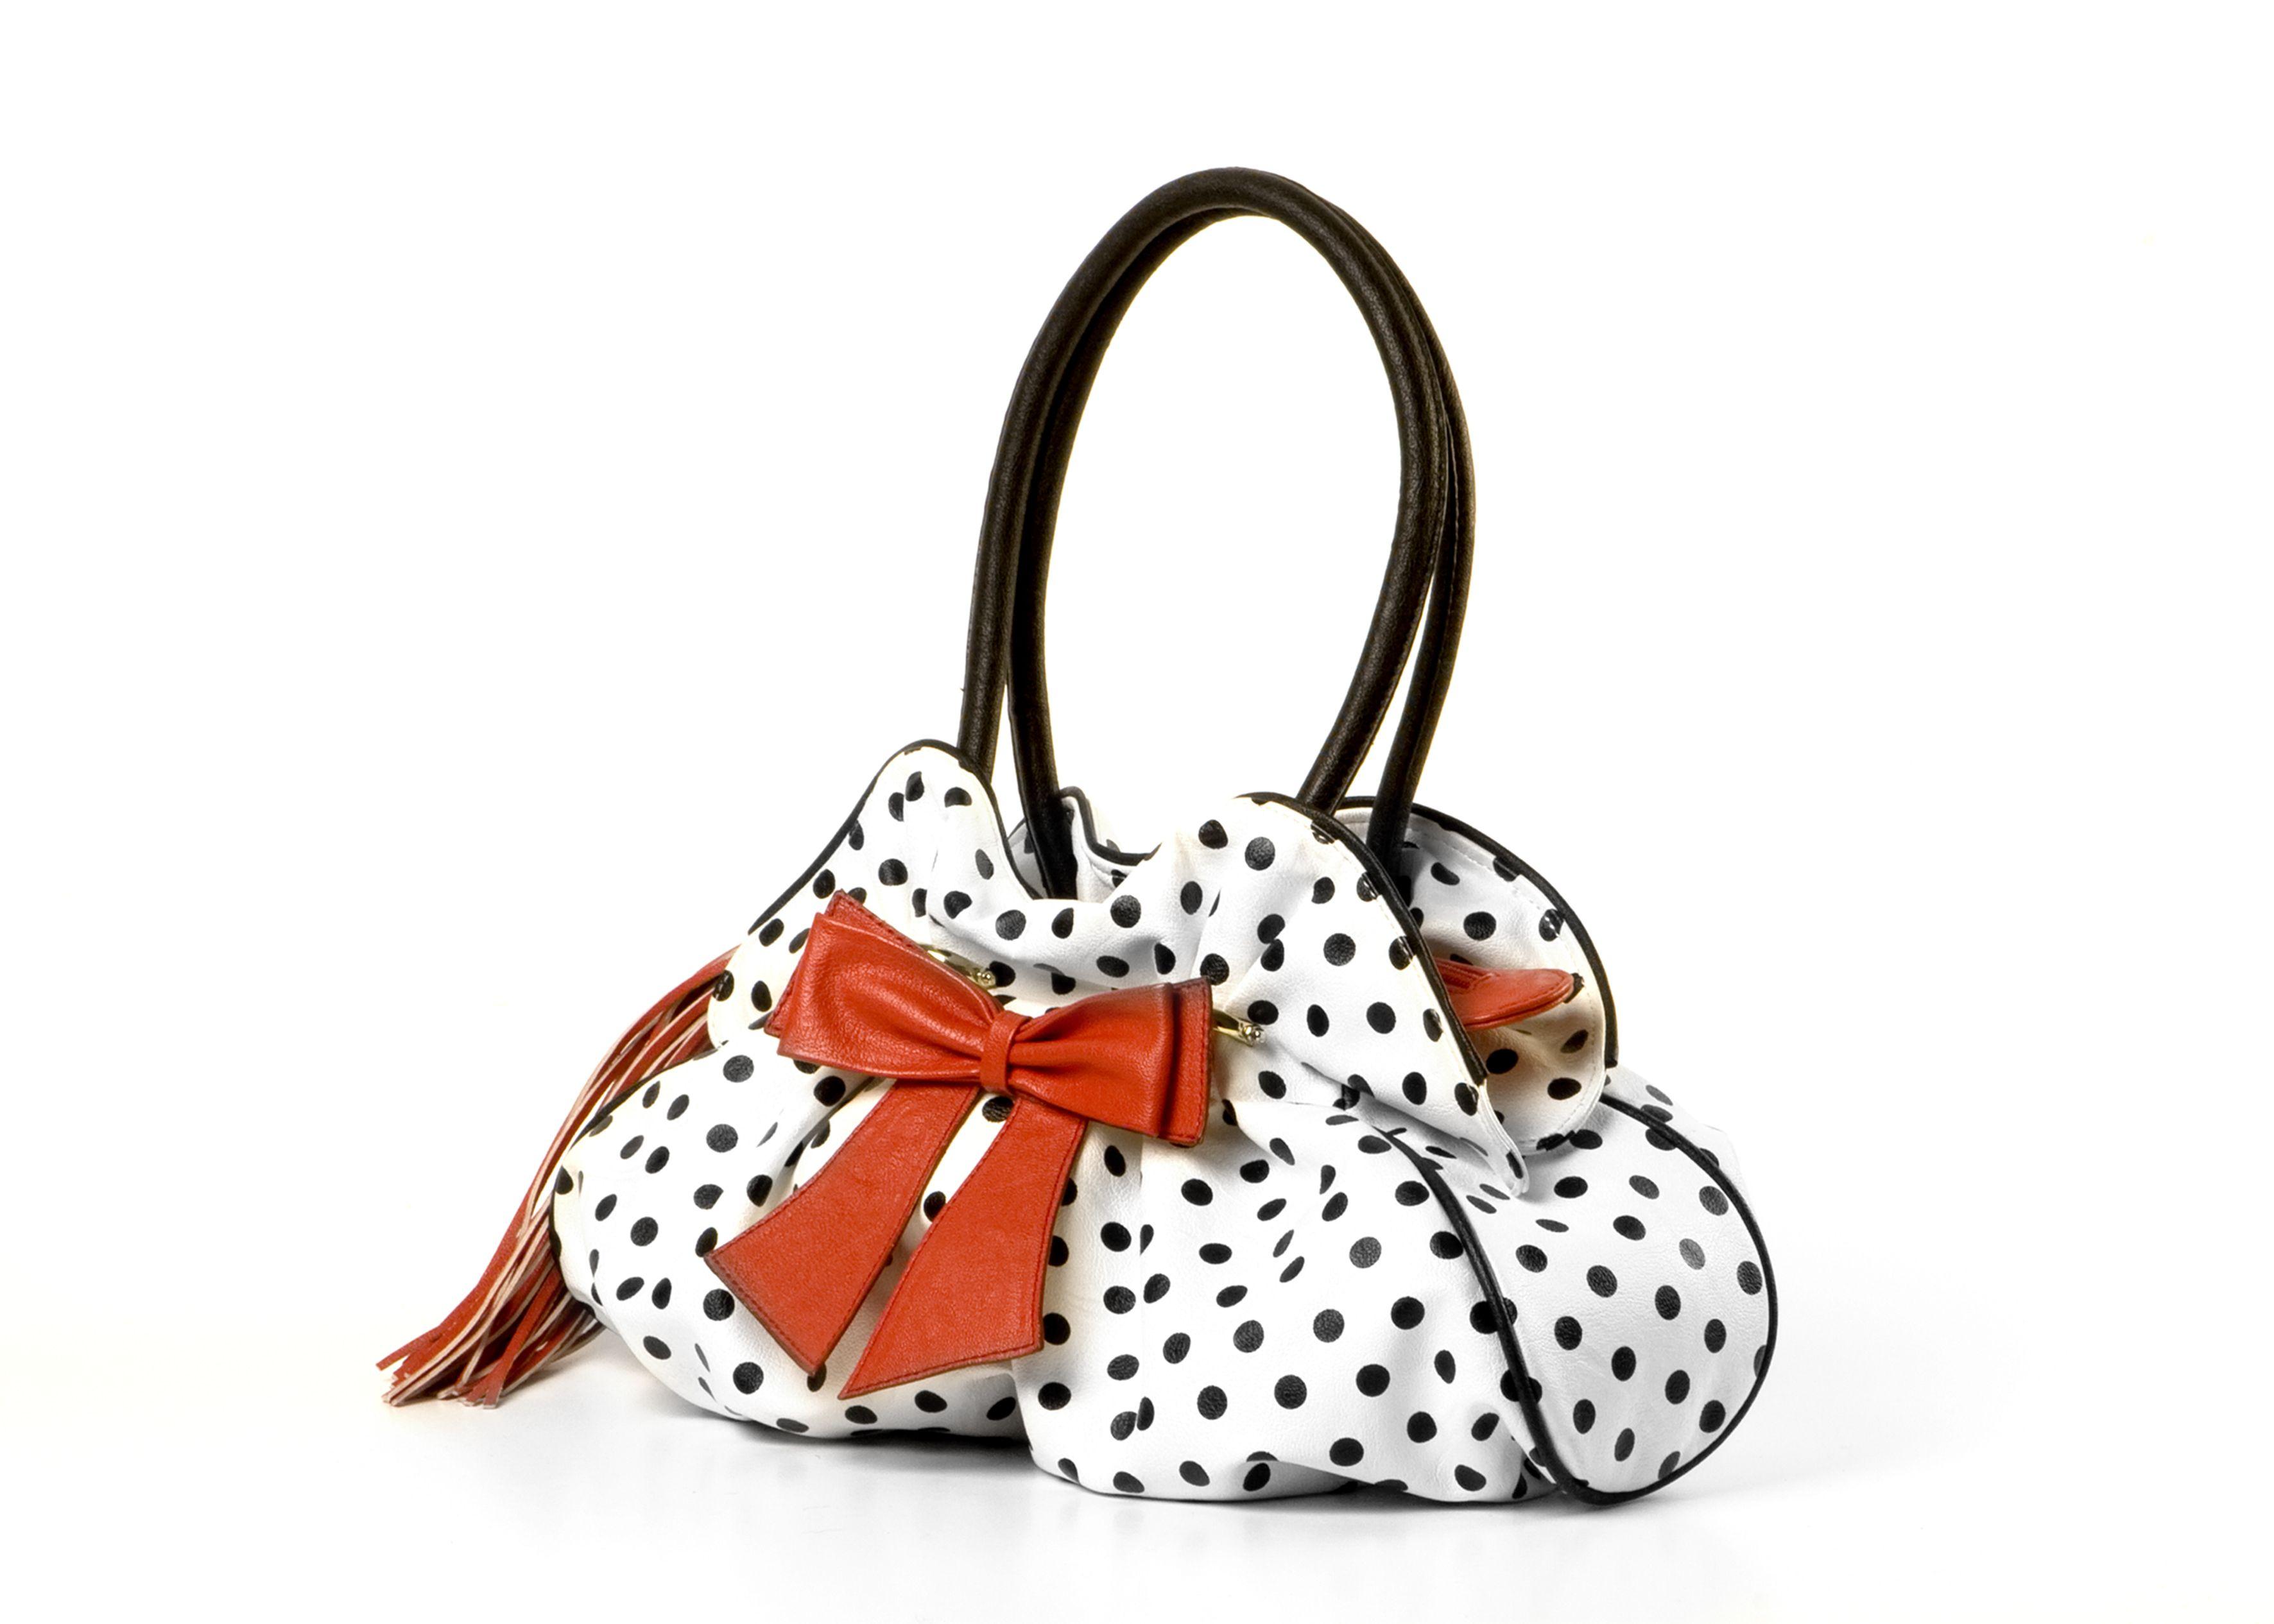 ausgefallene handtaschen trendige handtaschen mit. Black Bedroom Furniture Sets. Home Design Ideas